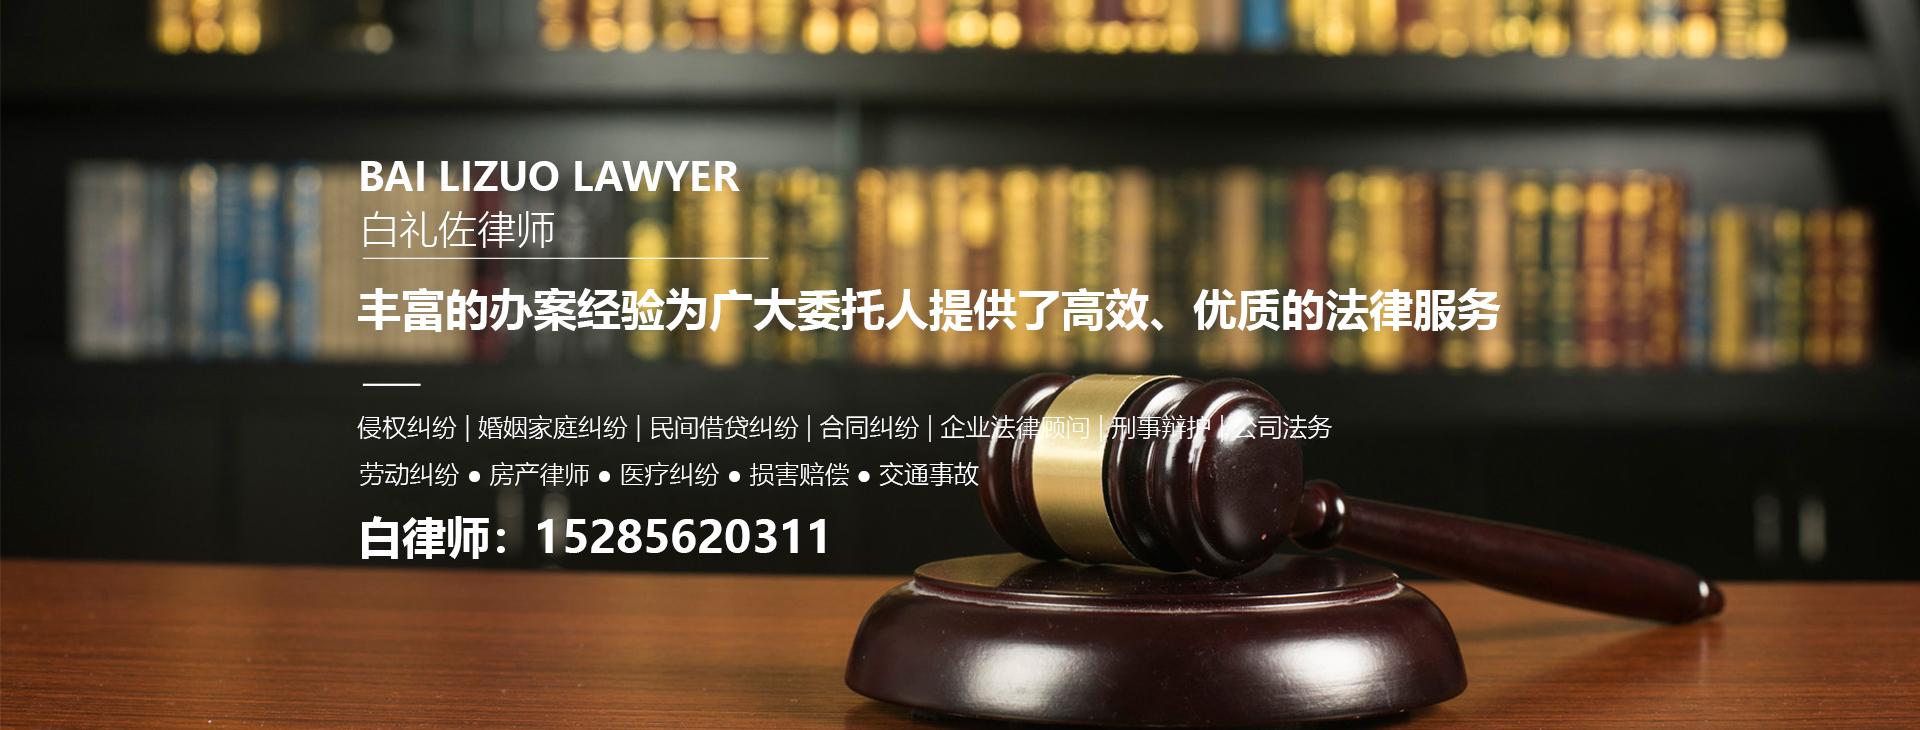 贵州婚姻家庭律师